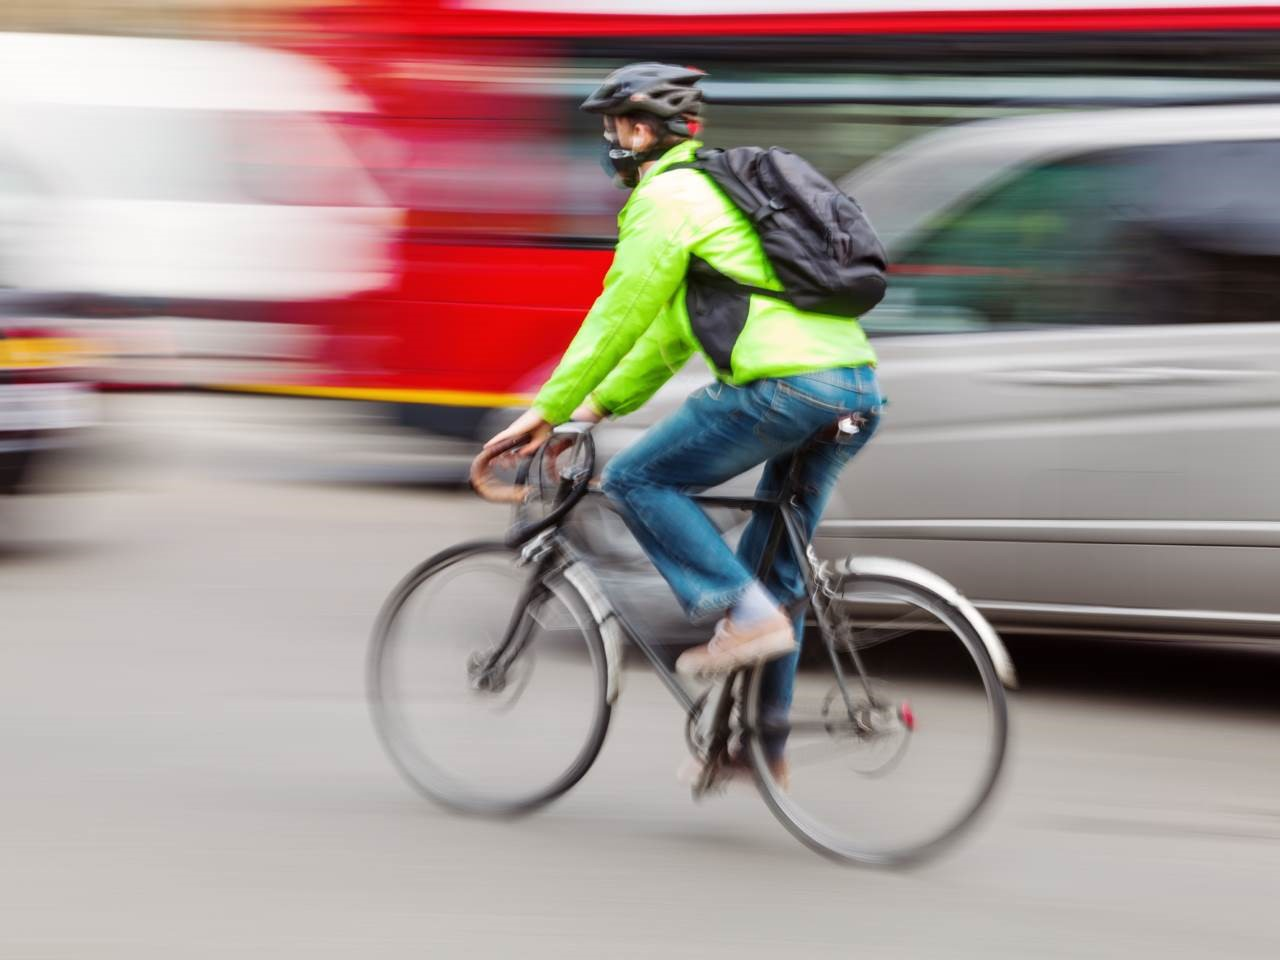 radfahrer-im-strassenverkehr